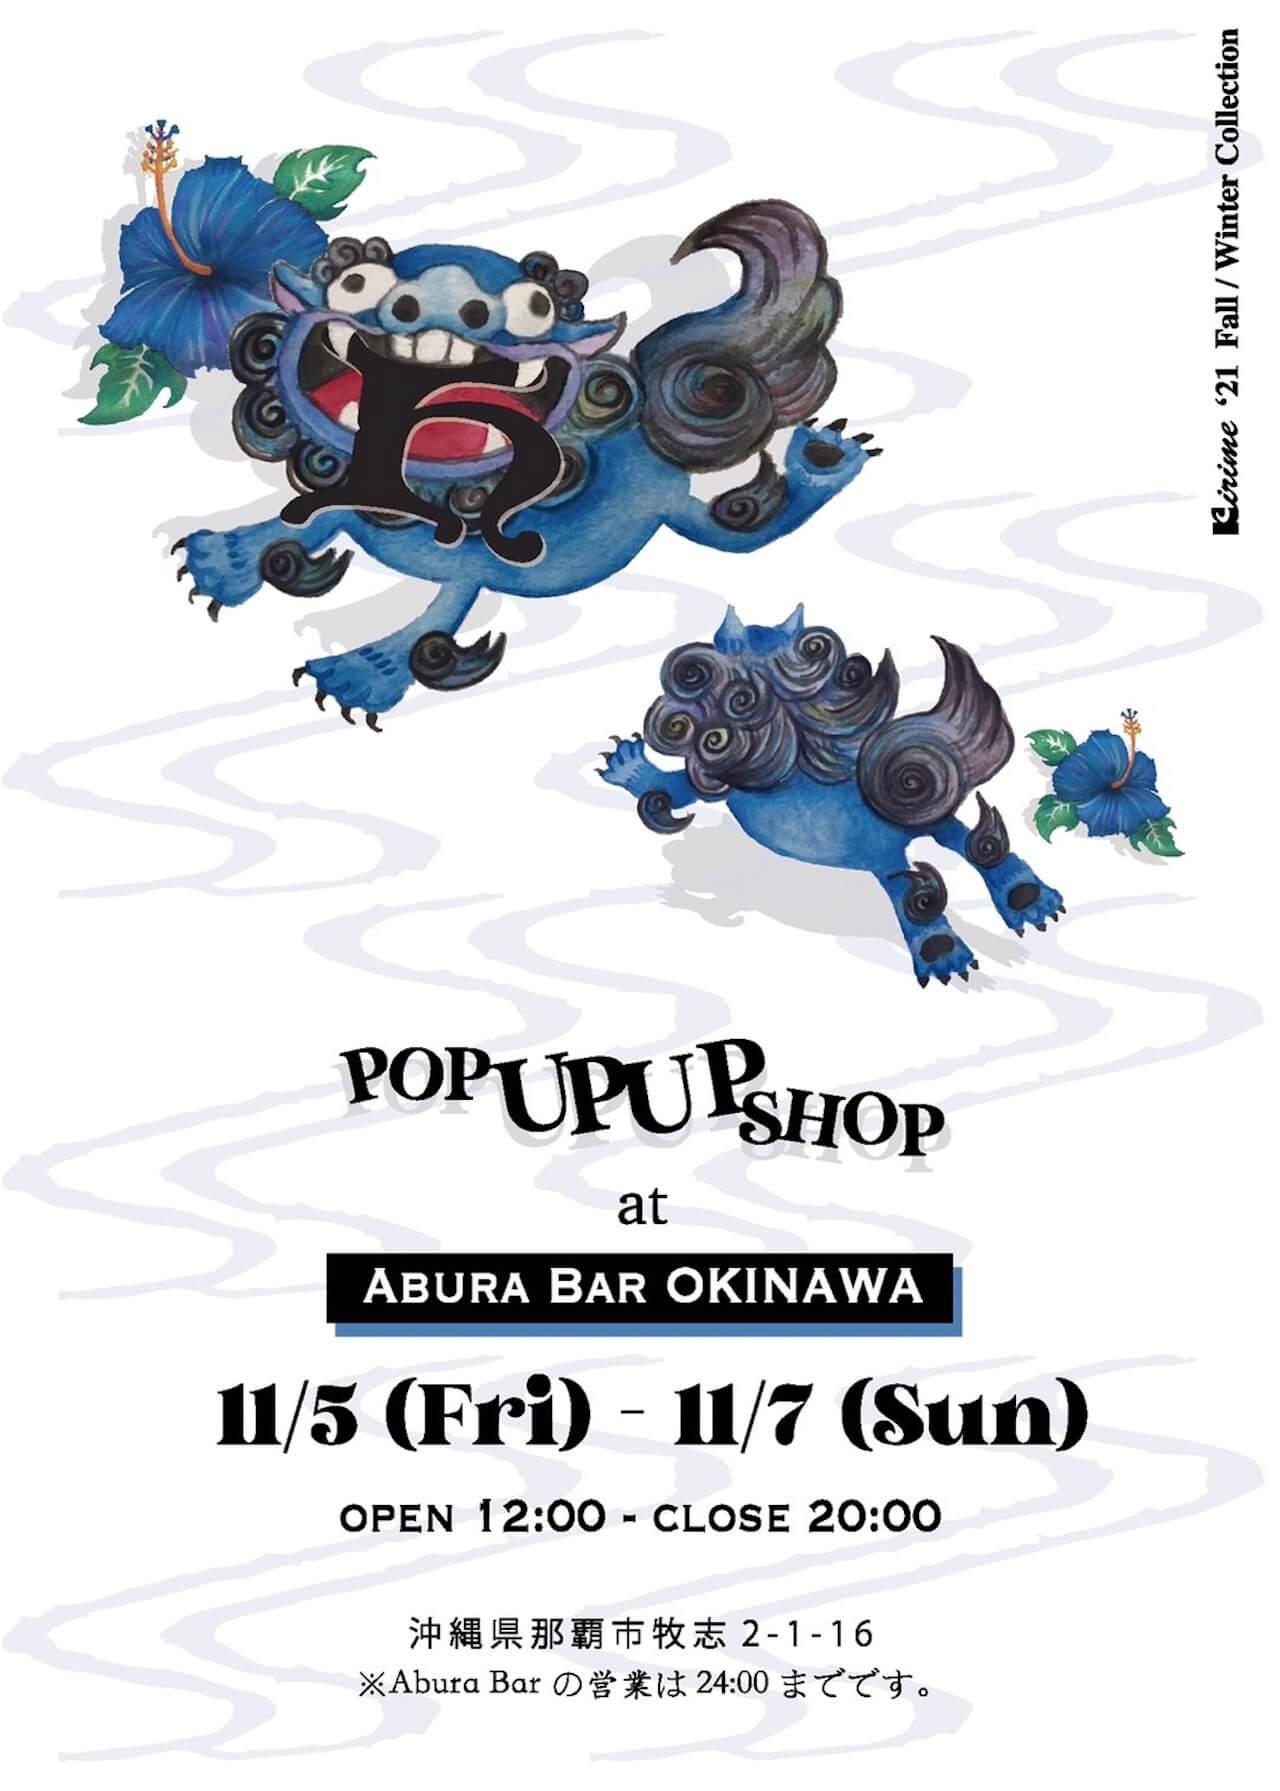 ストリートなイベント【沖縄】Kirime POP UP SHOP in Okinawa KIRIMEが沖縄Abura Barでポップアップを開催!